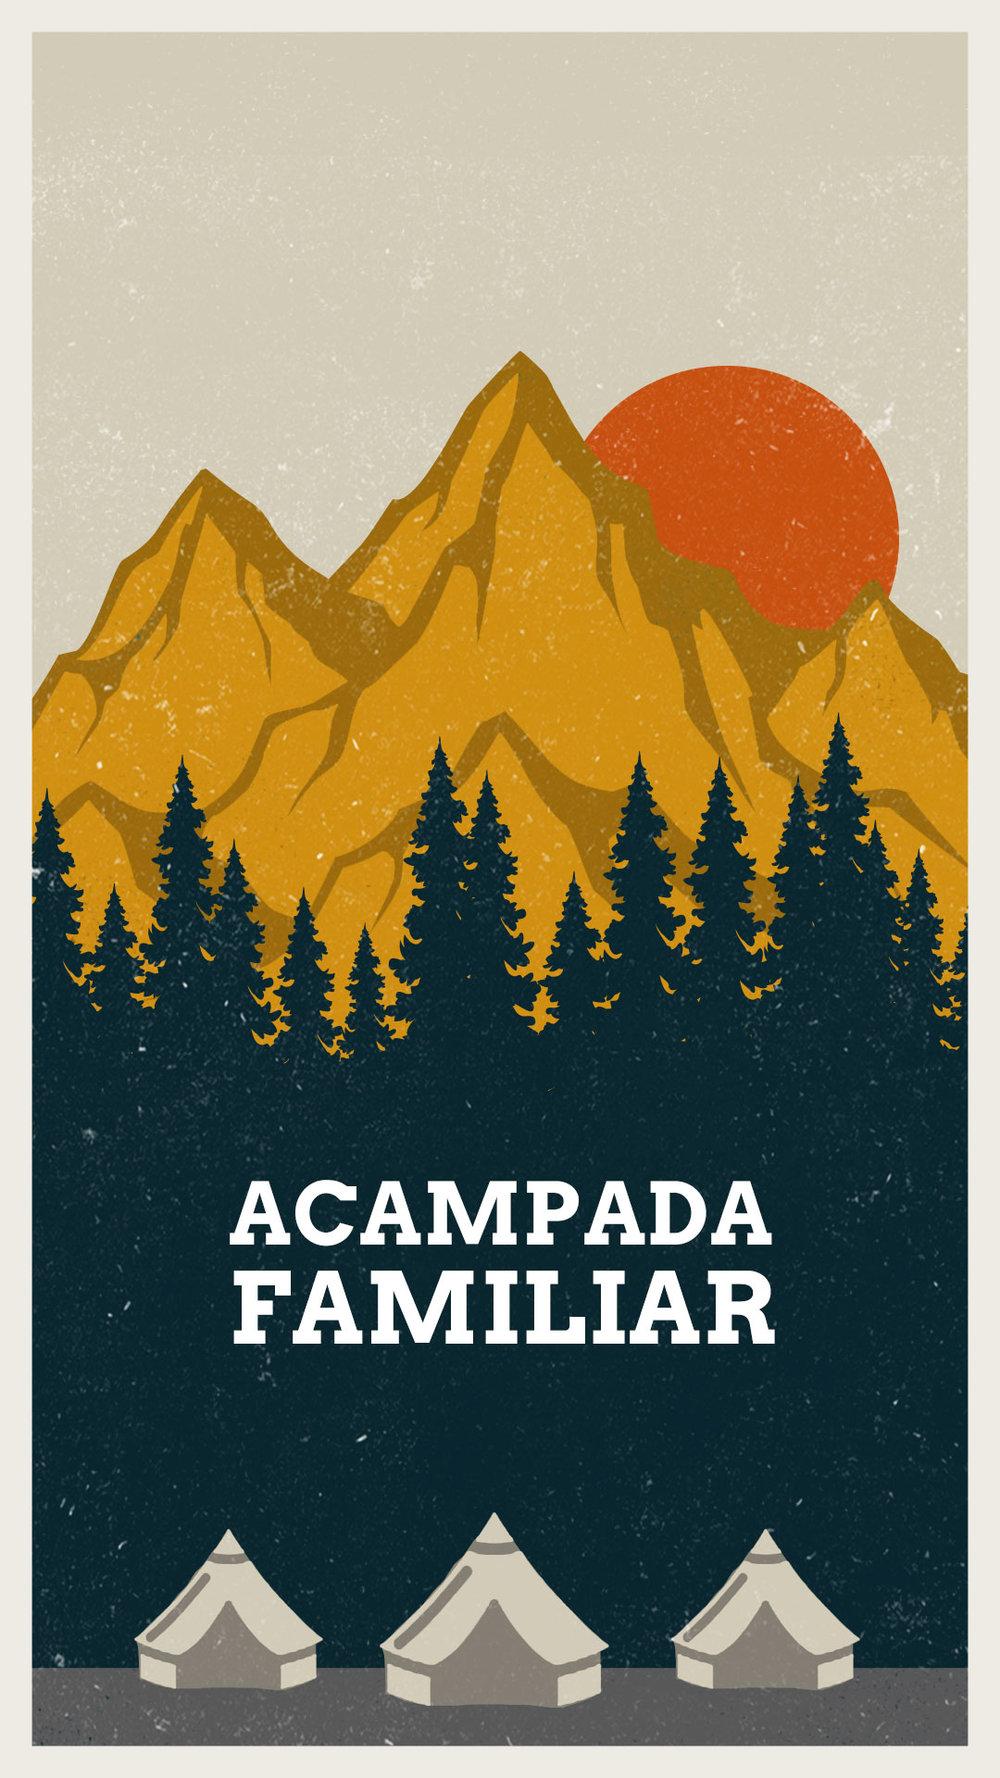 acamapda_familiar.jpg